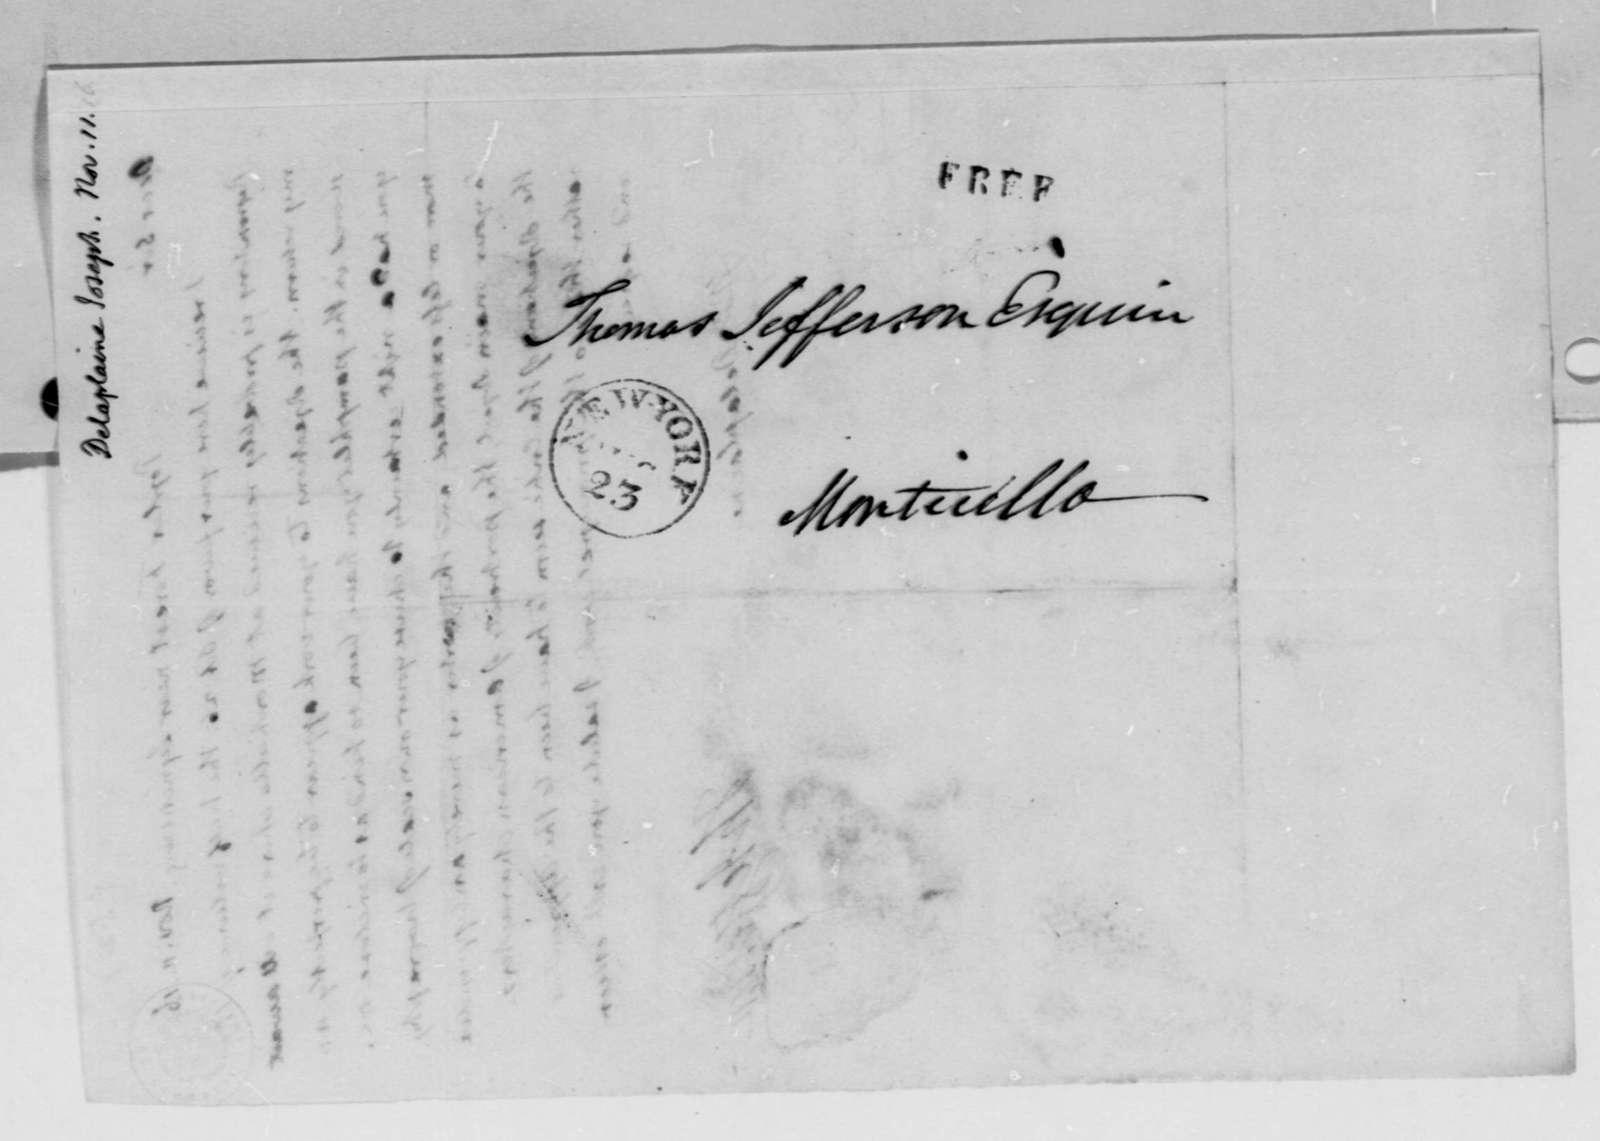 Thomas Jefferson to Joseph Delaplaine, November 11, 1816